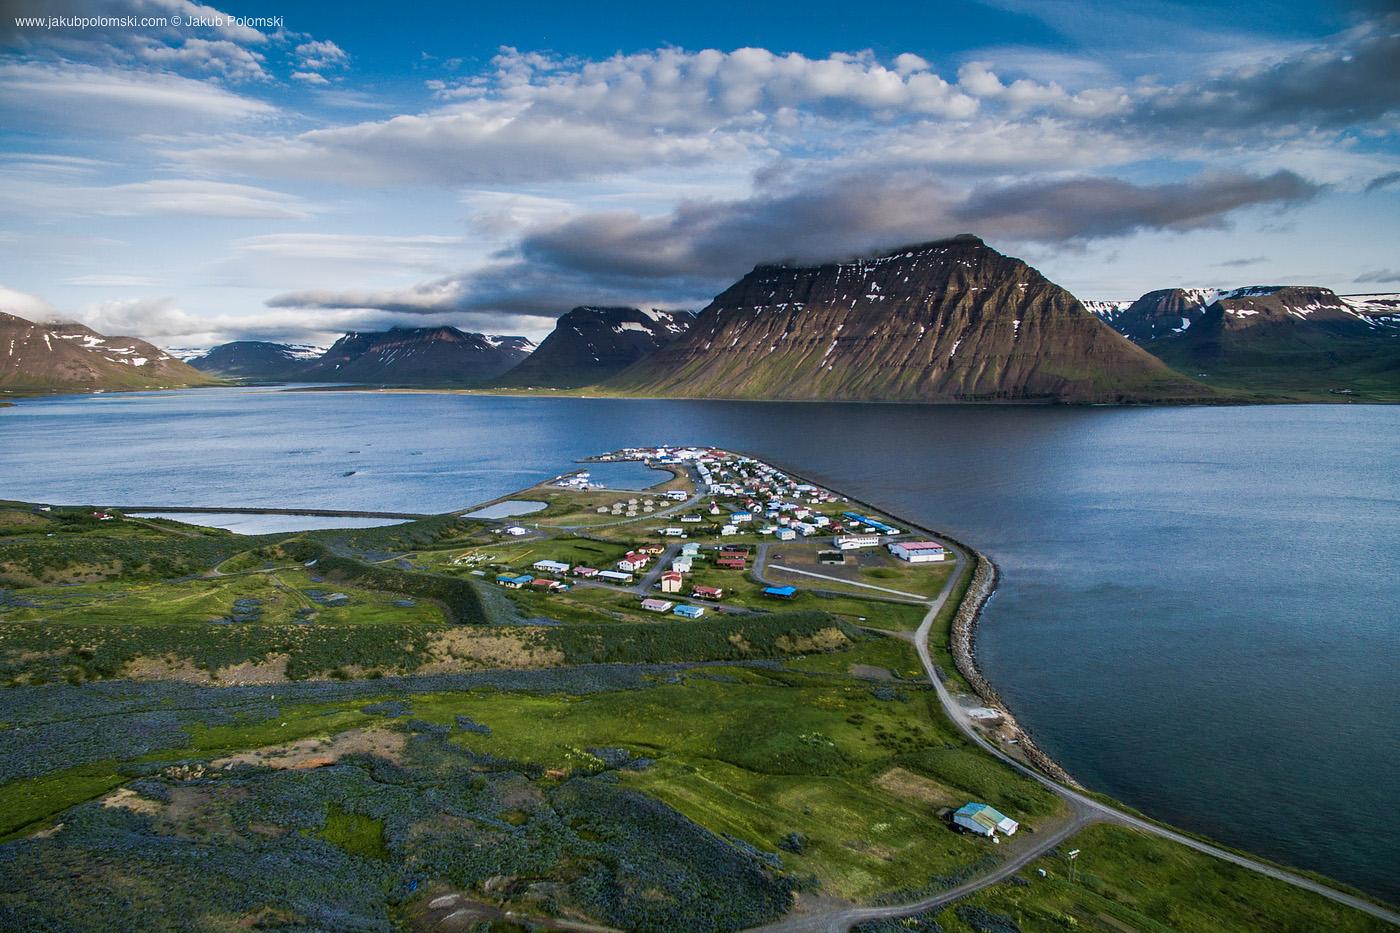 работал фото и все о исландии всегда мне